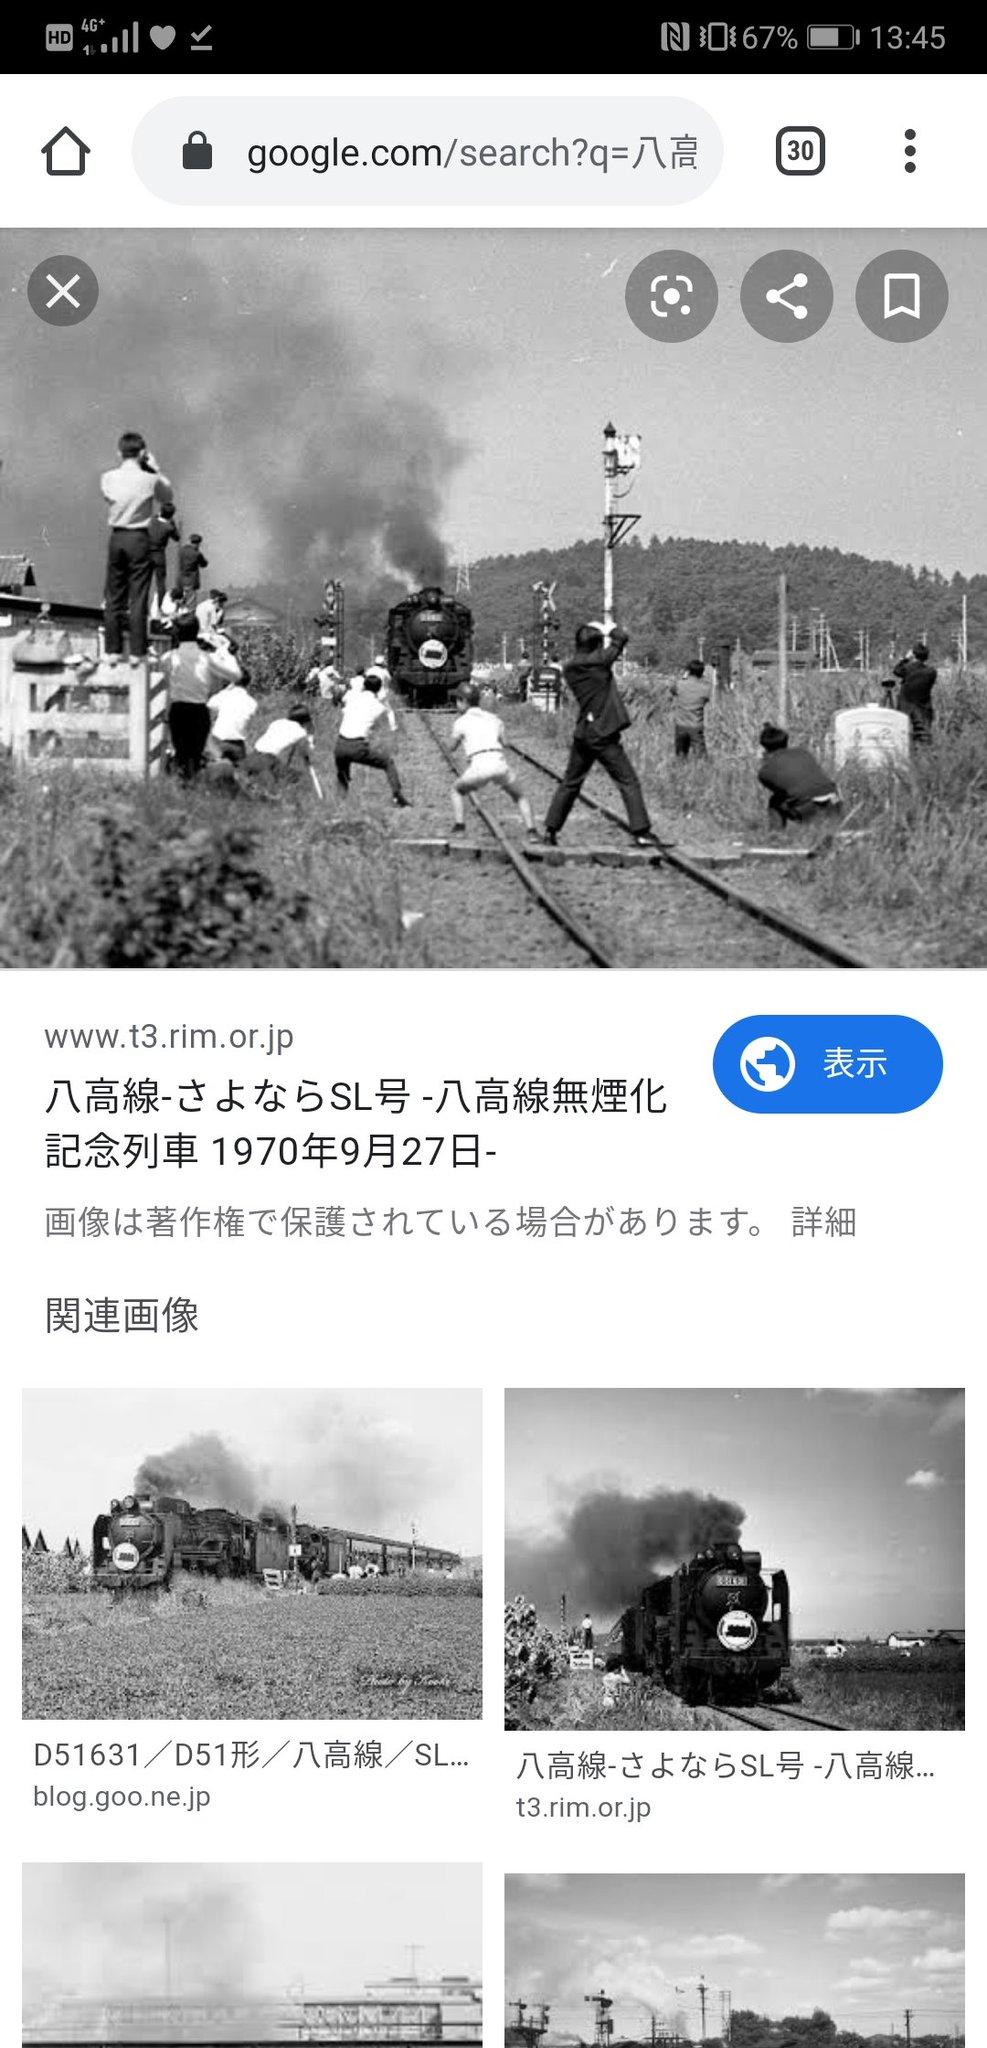 鉄オタ侵入で62回緊急停止 26年ぶりにJR八高線でSL運行